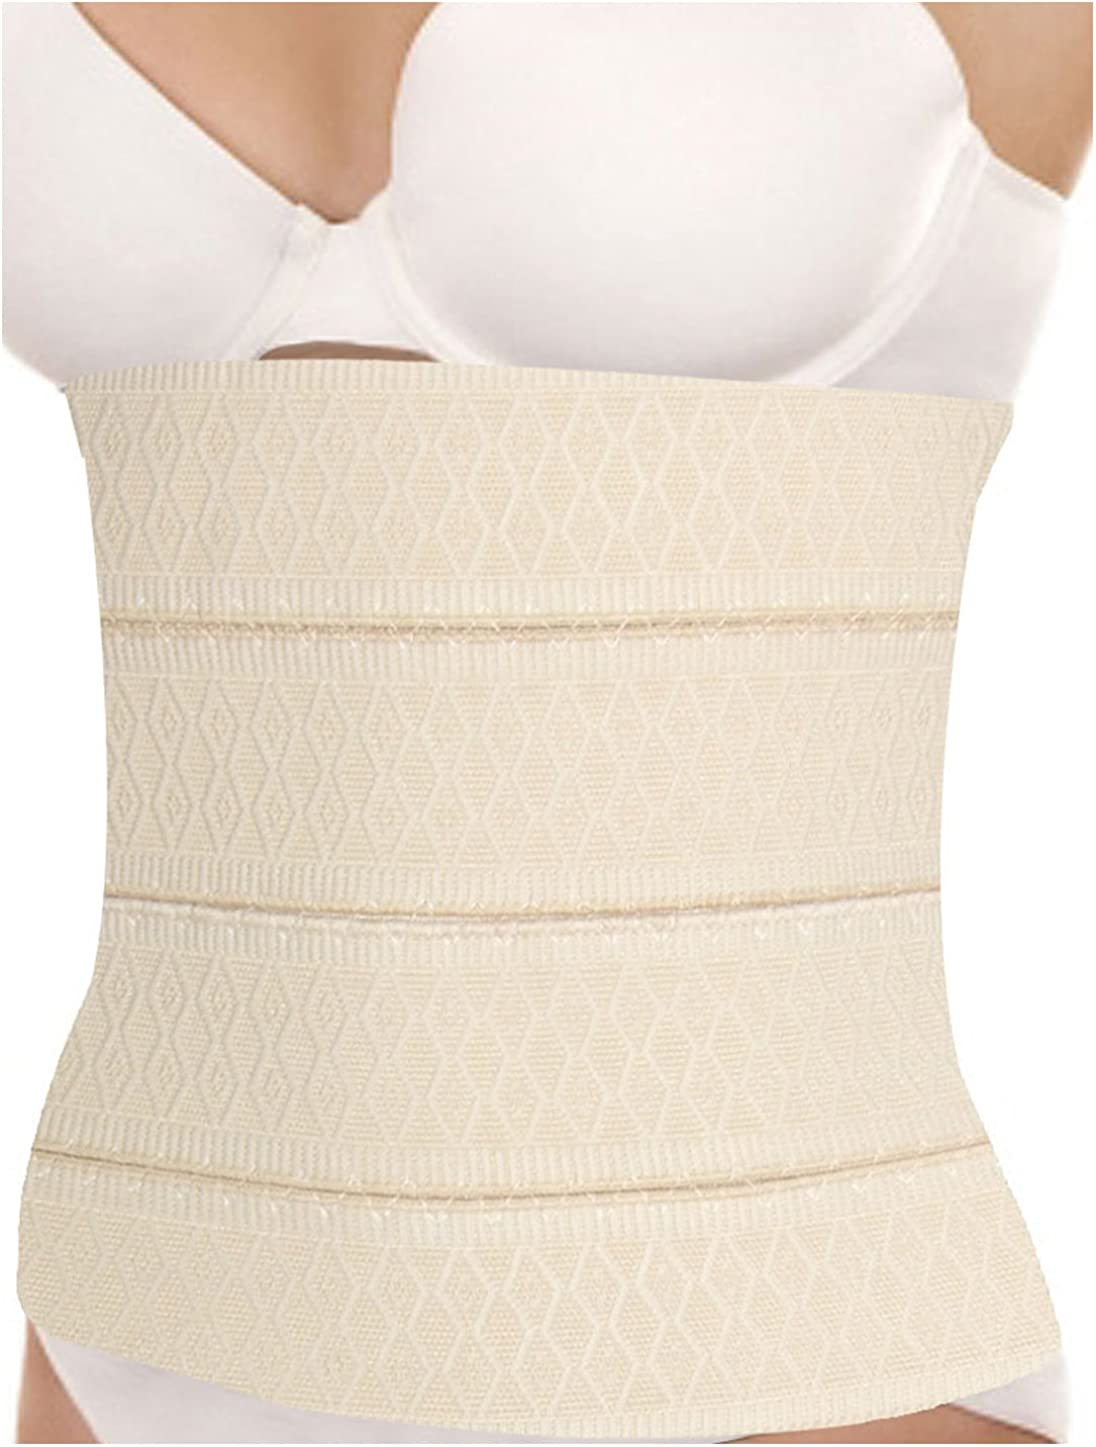 uxcell Women Elastic Body Shaper Belt Trimmer Corset Girdle Waist Cincher S Beige